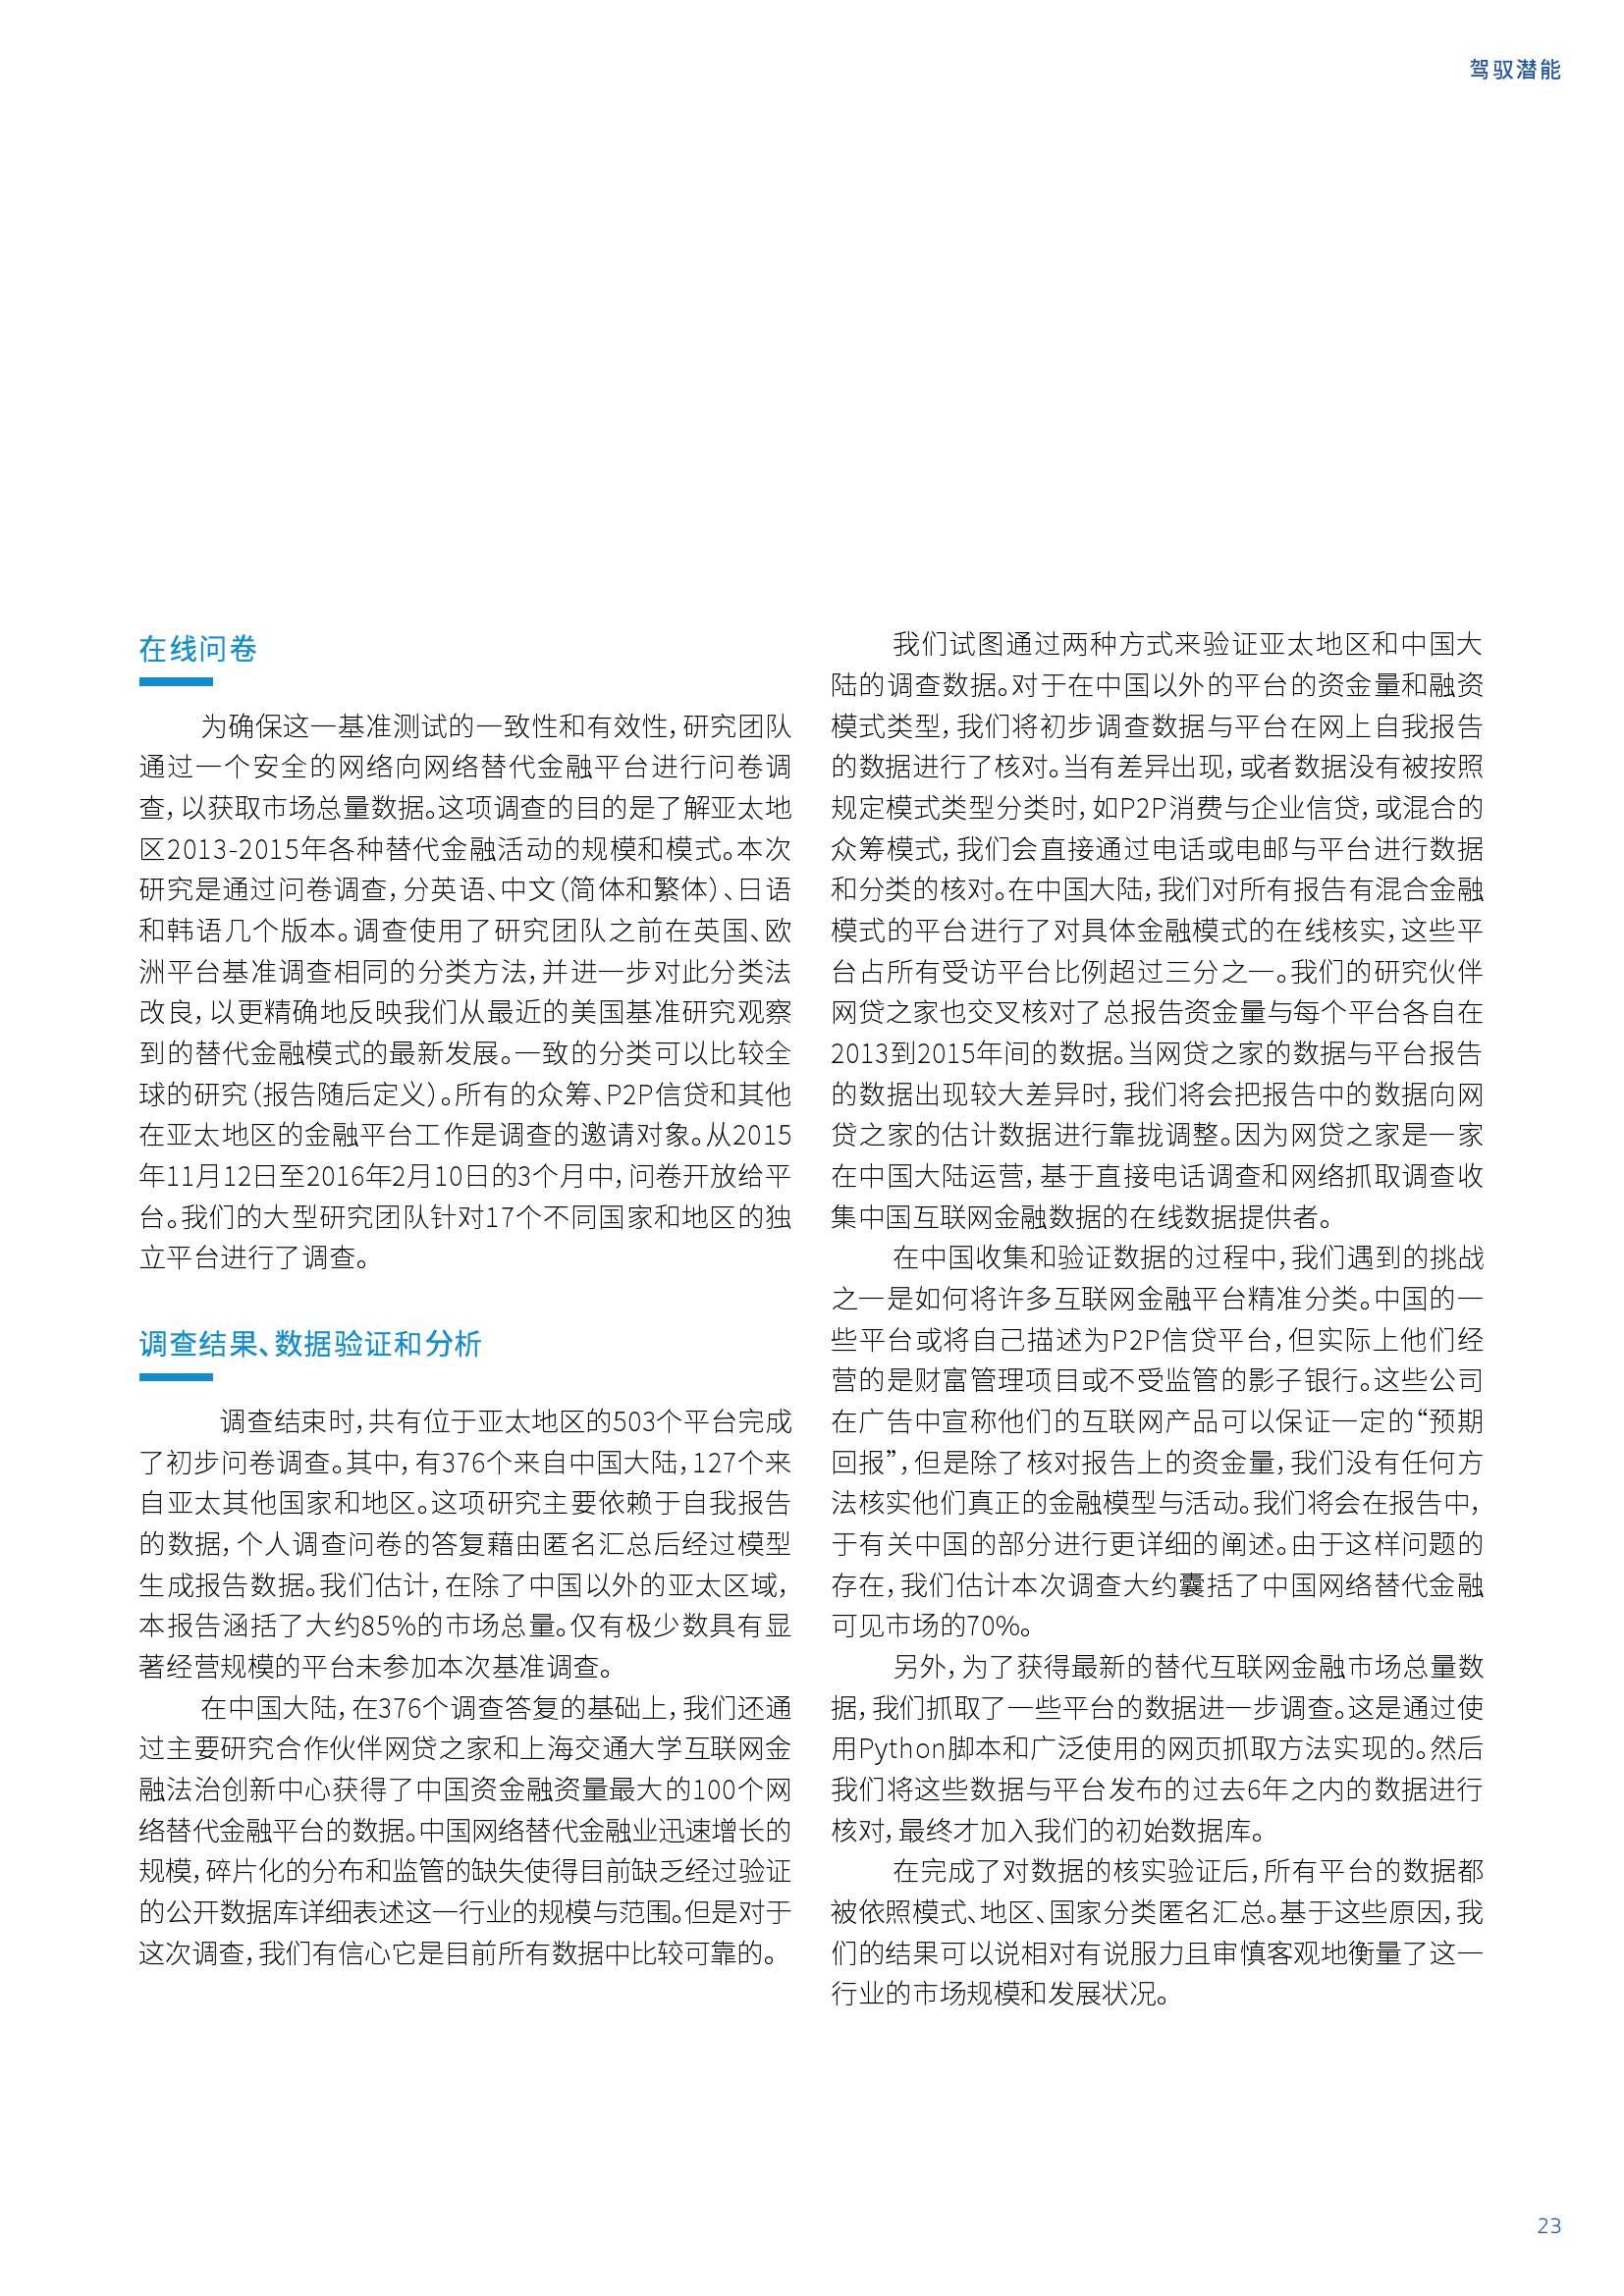 亚太地区网络替代金融基准报告_000023